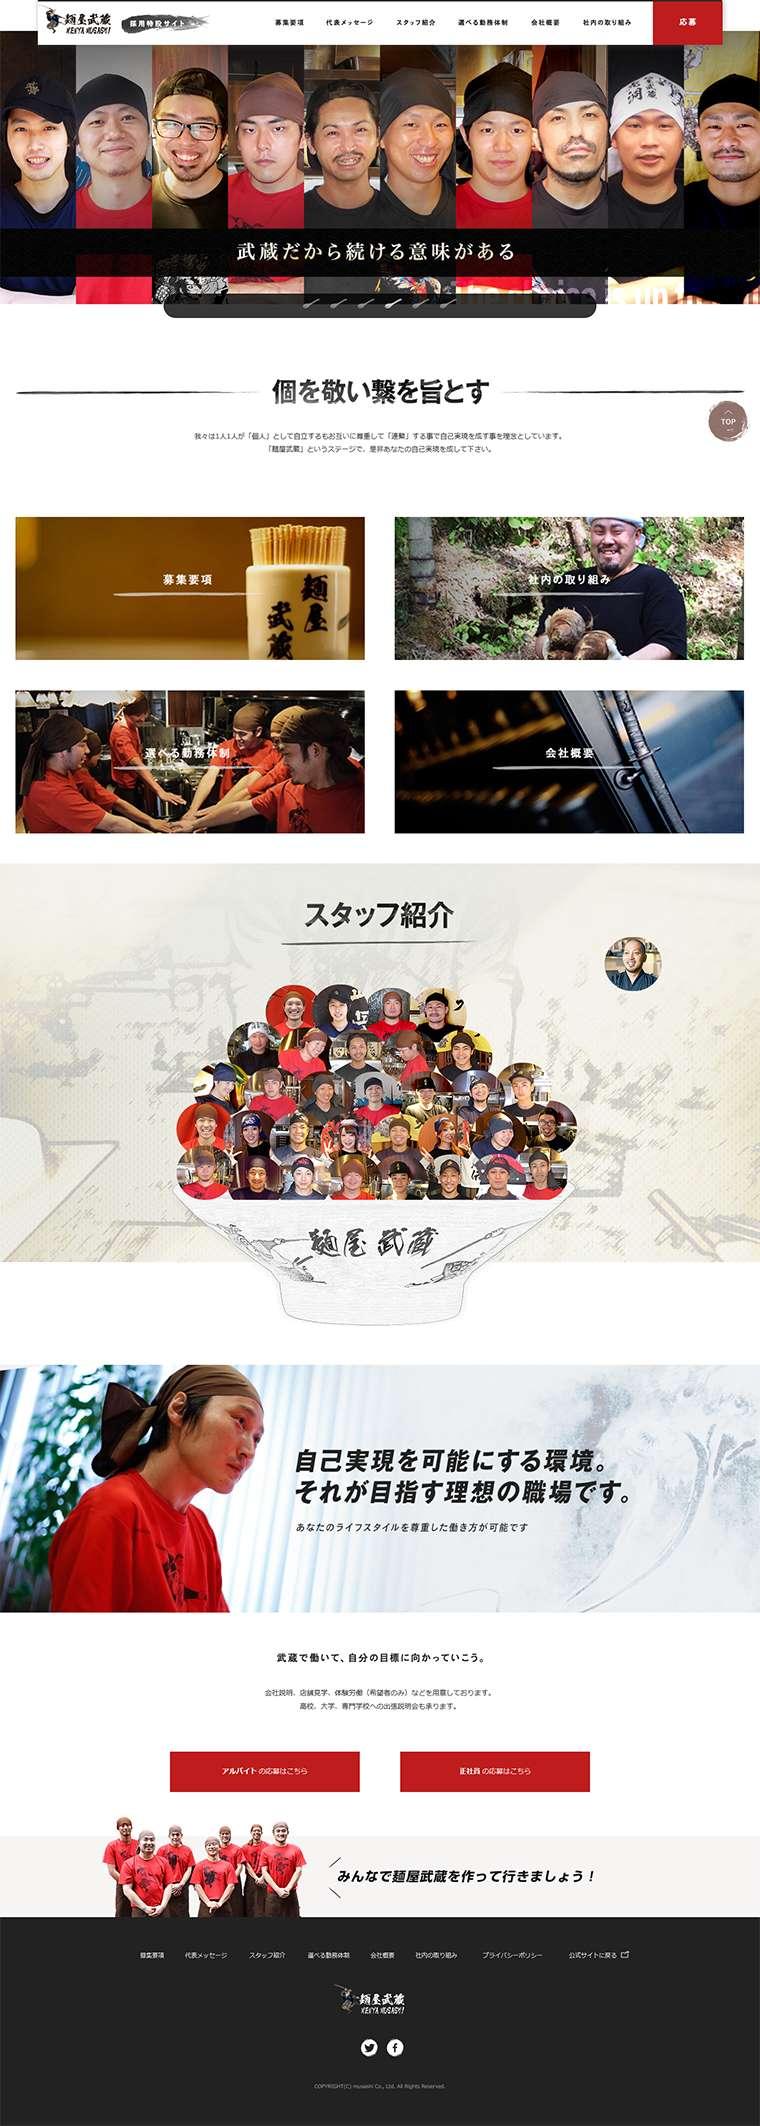 実績サイト画像01